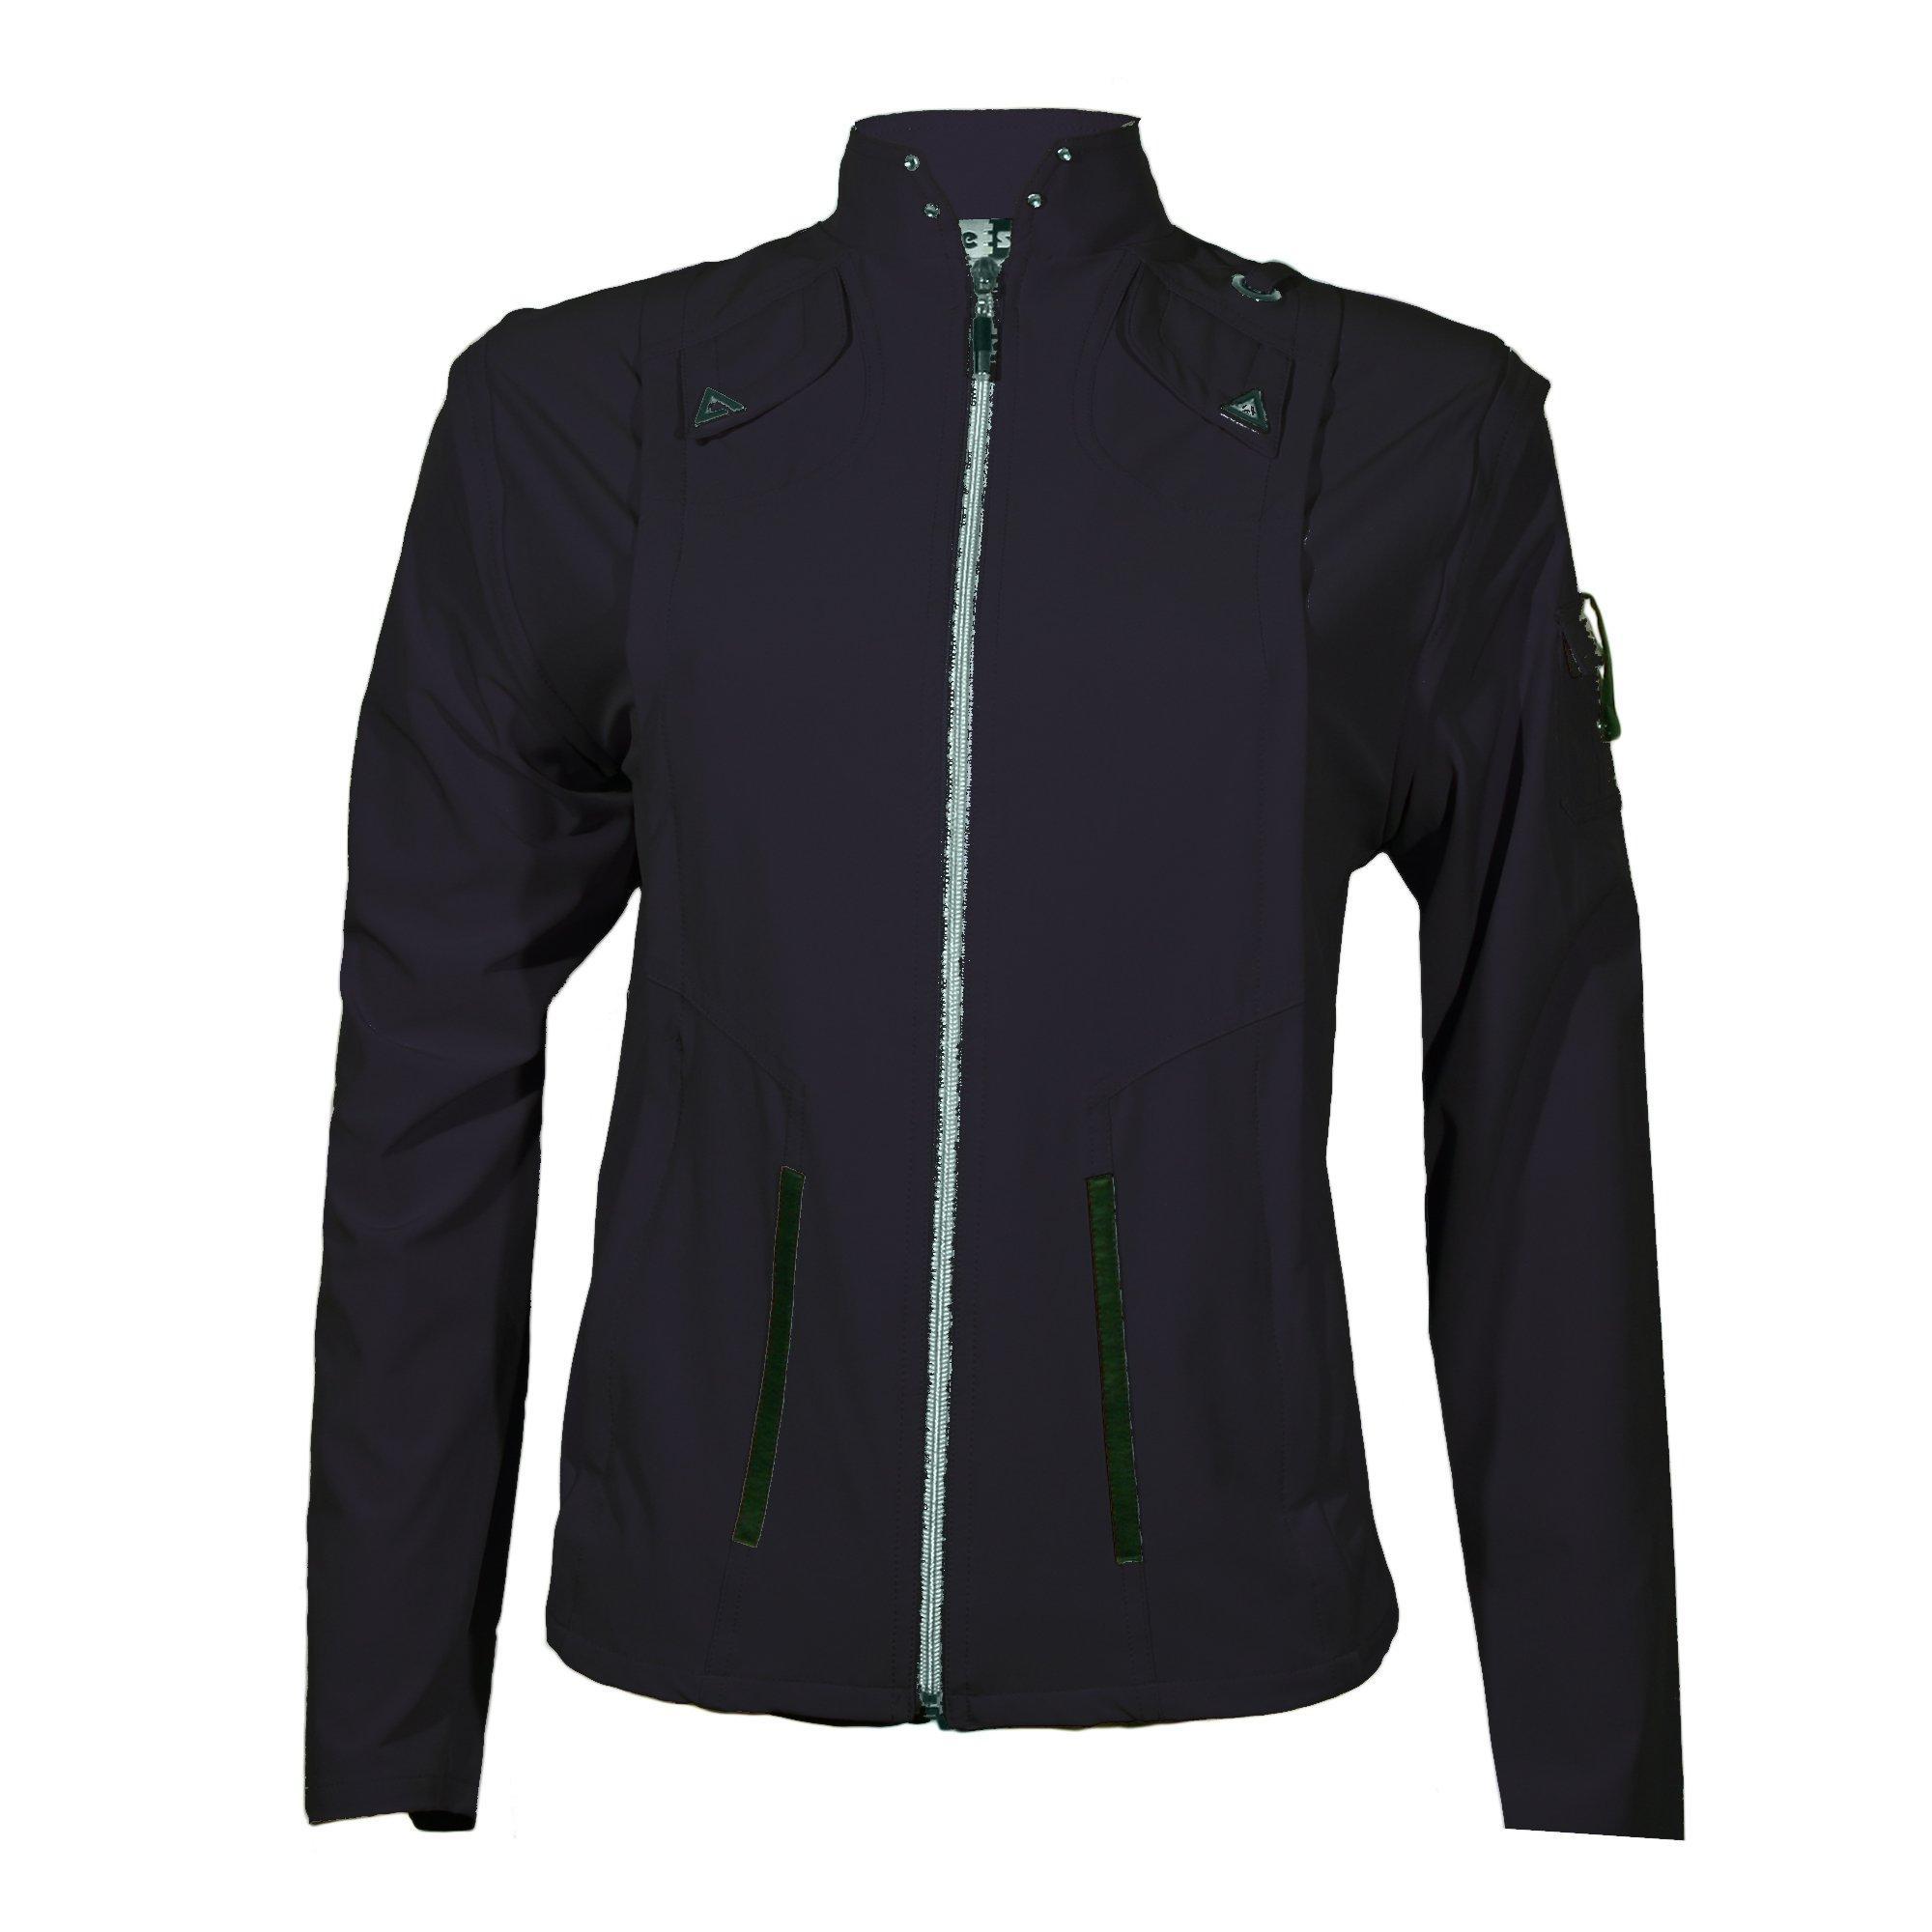 Women's Long Sleeve Full Zip Airwear Jacket